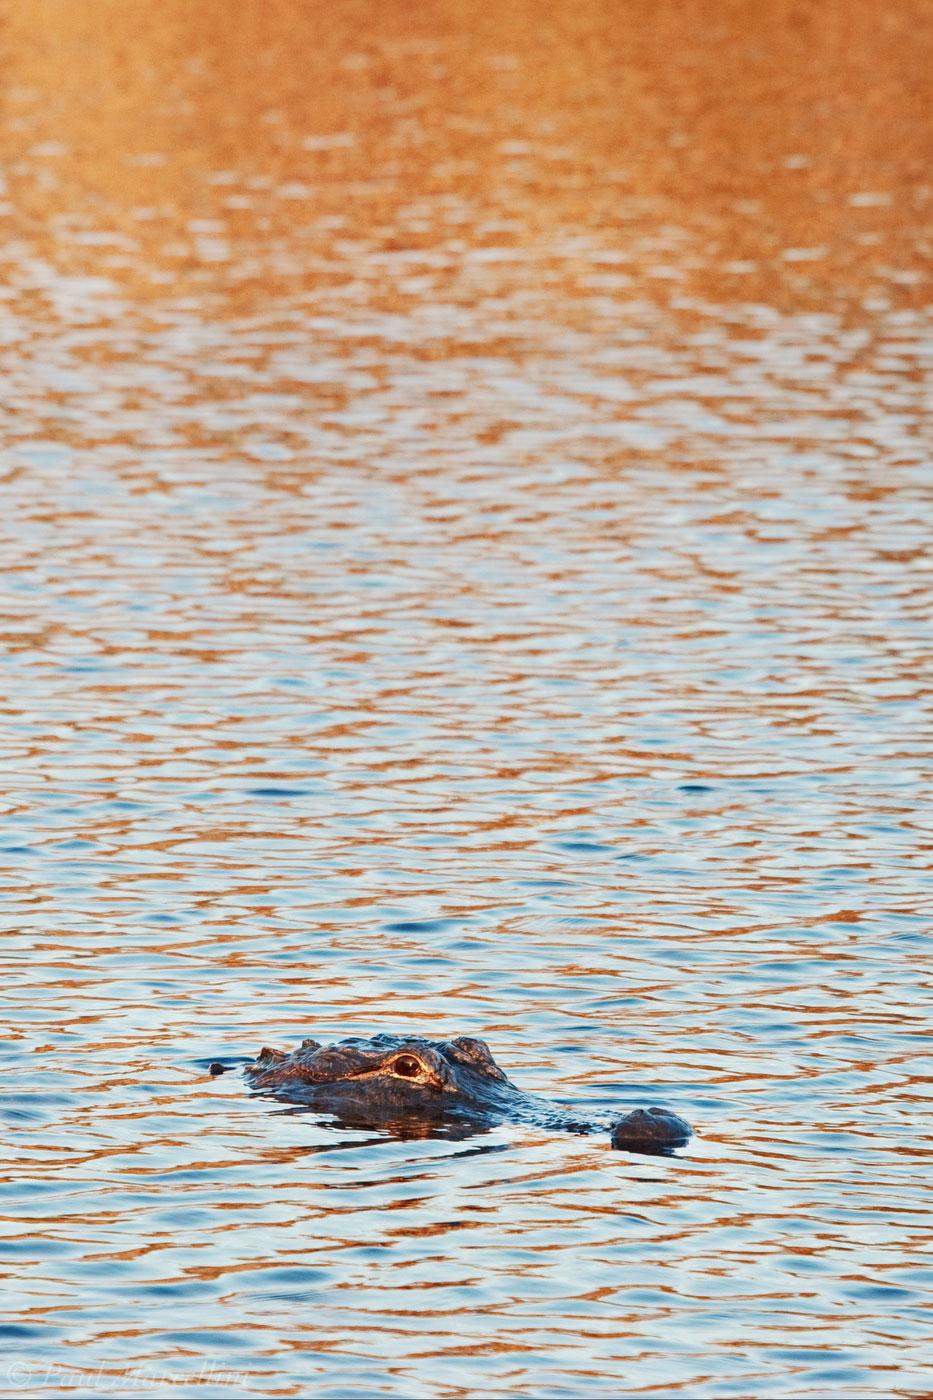 American alligator, Alligator mississippiensis, everglades, photo